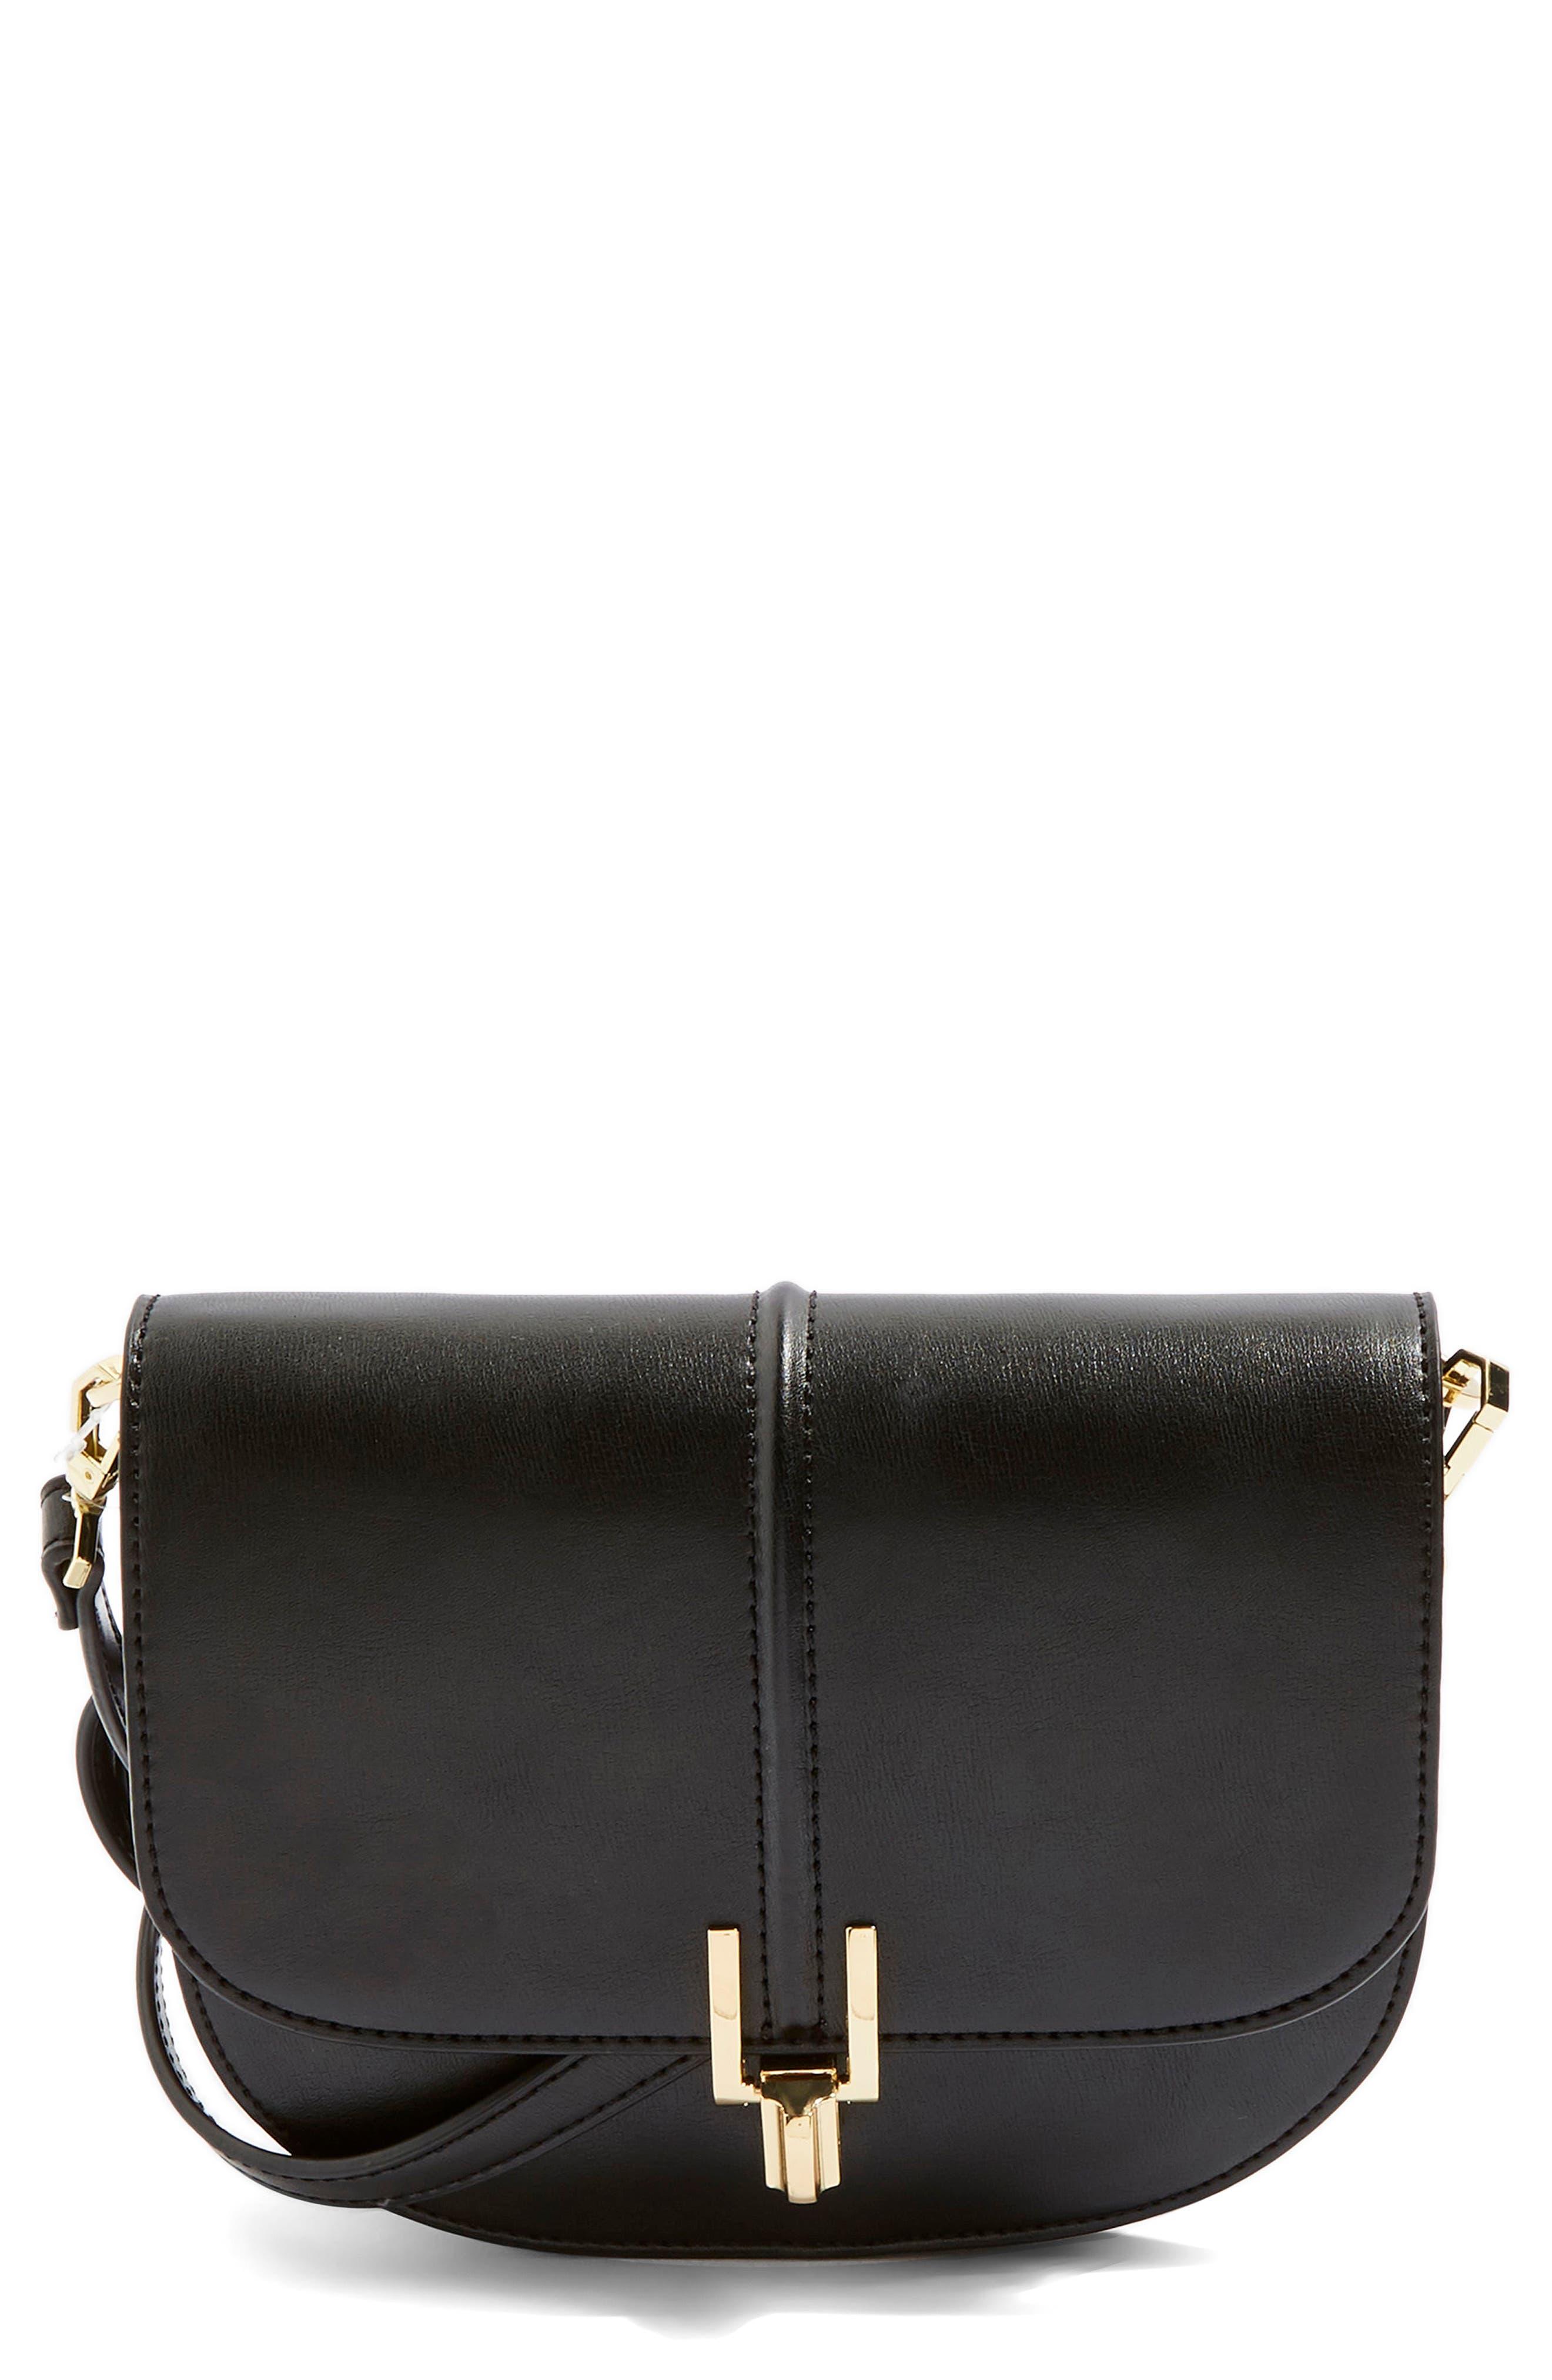 Topshop Rue Crossbody Handbag